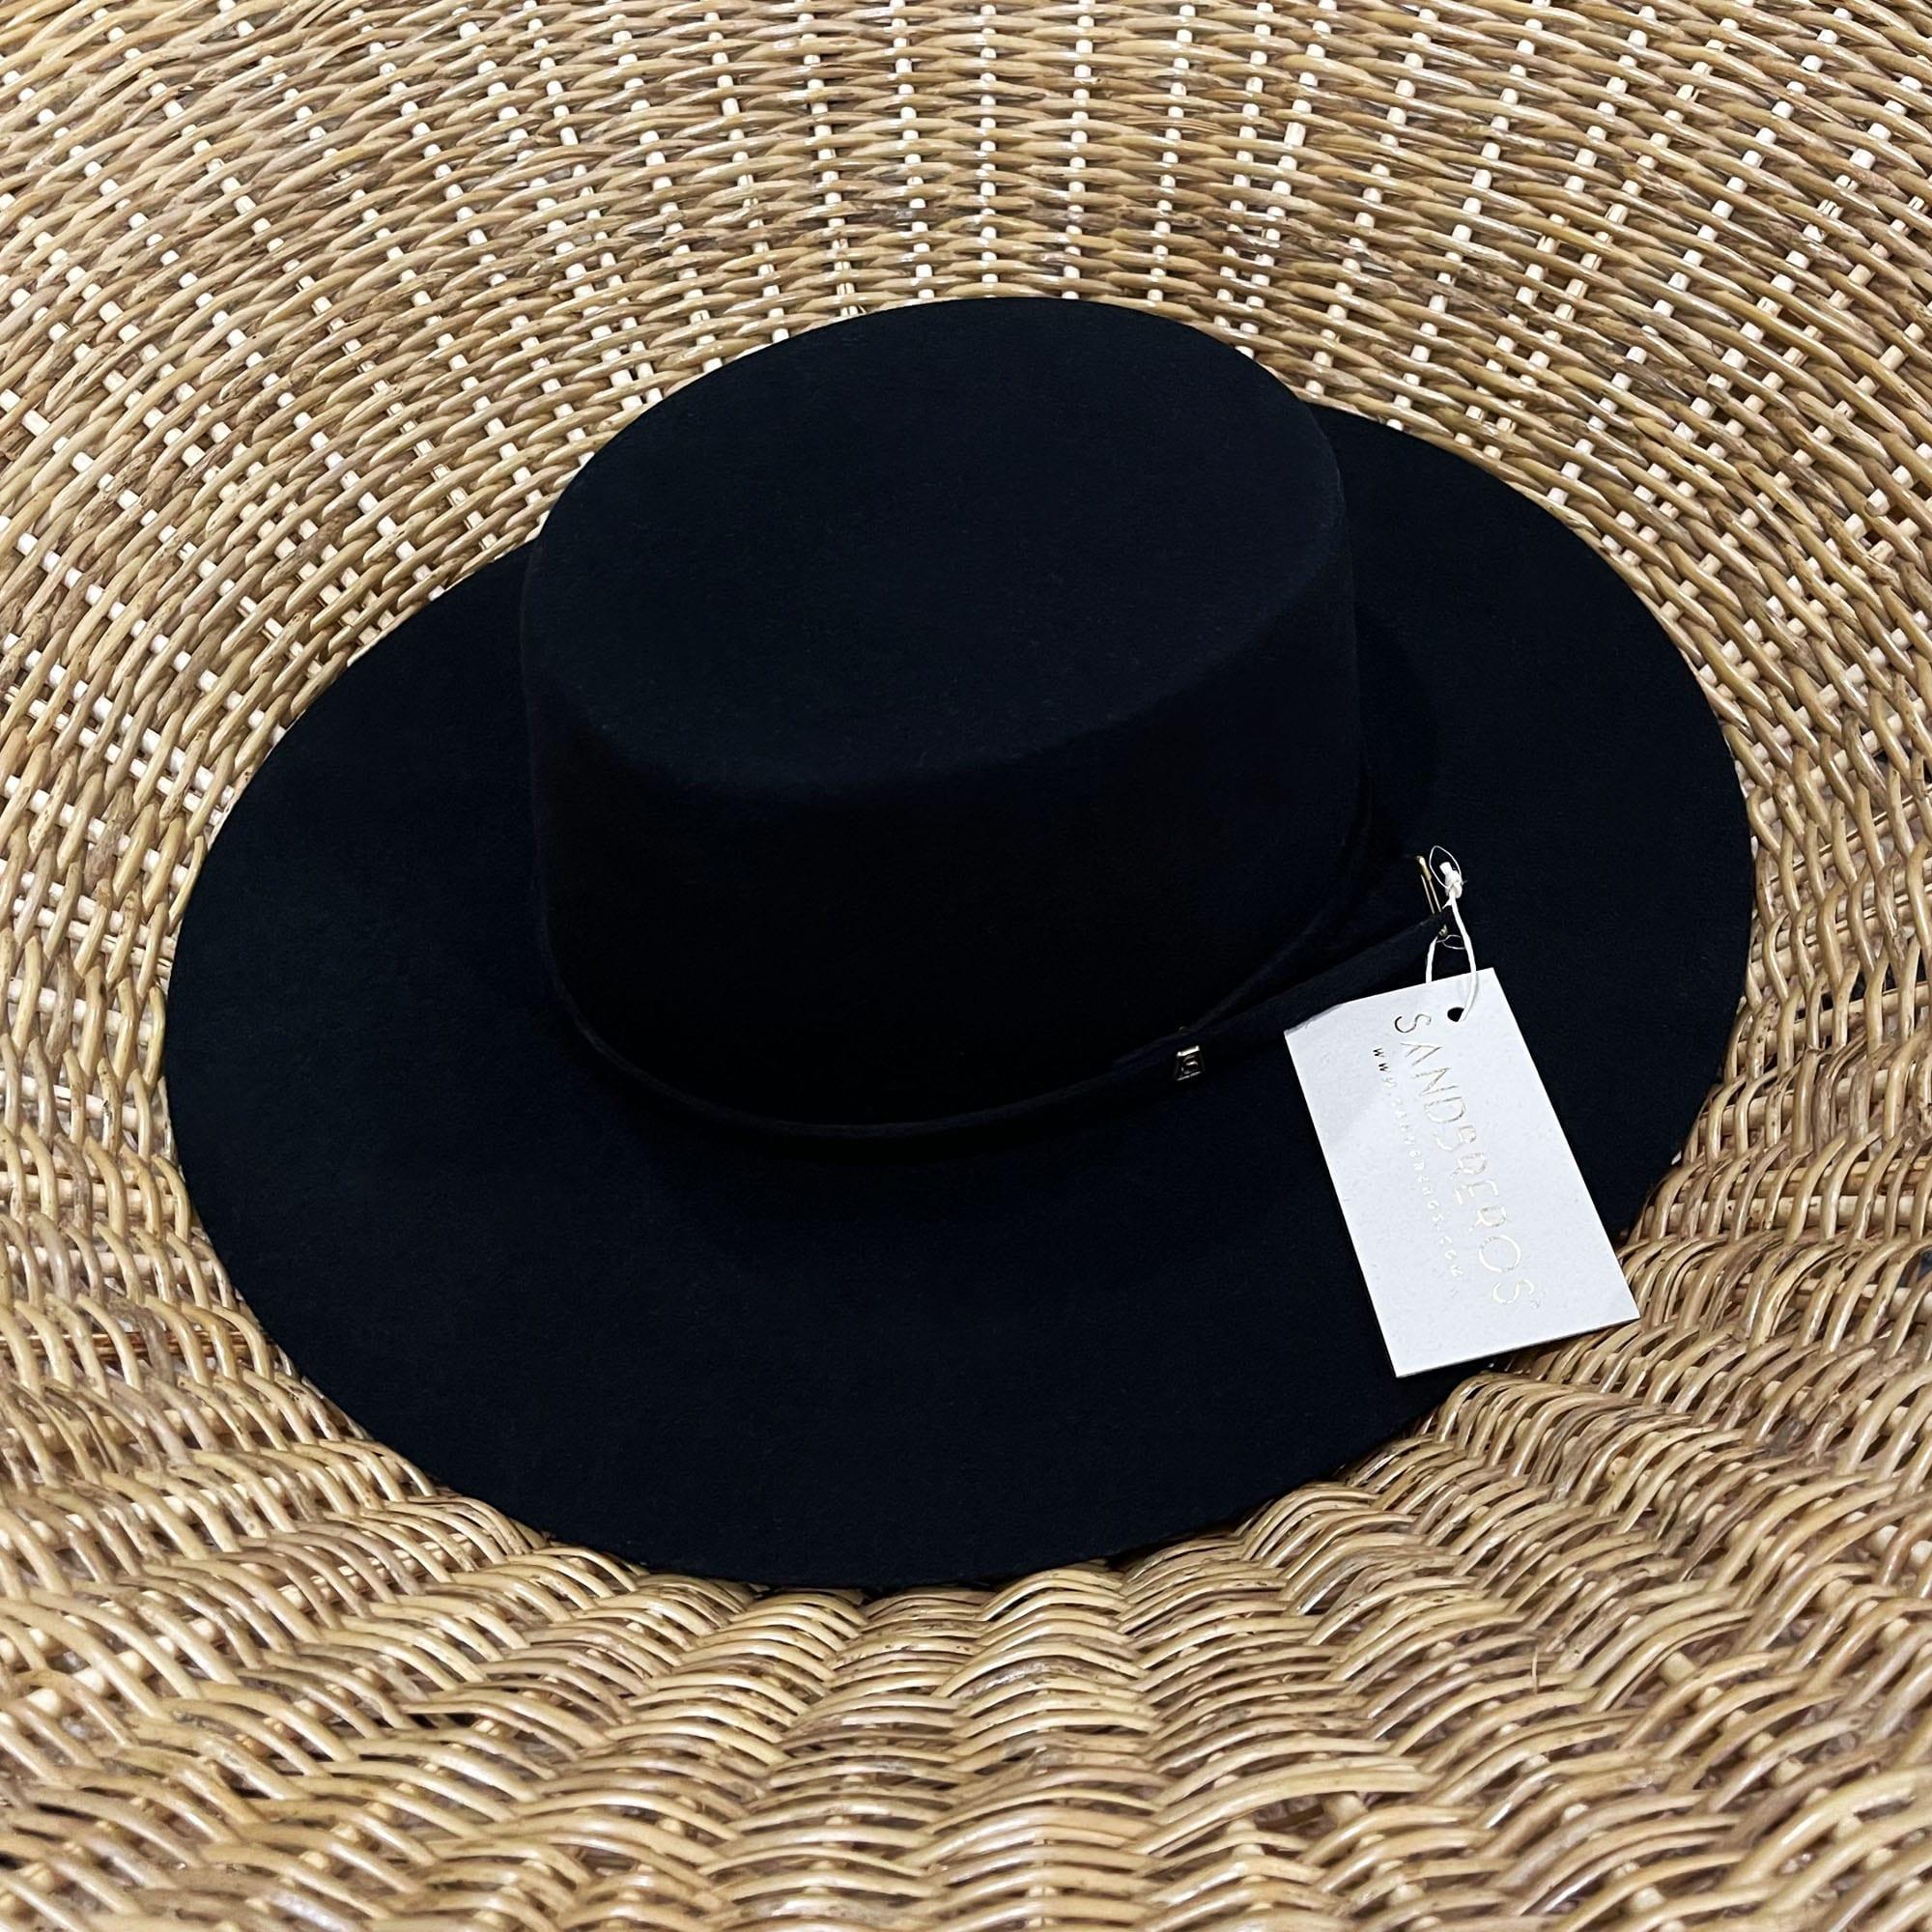 sombrero español negro de lana natural extrafina con copa redonda